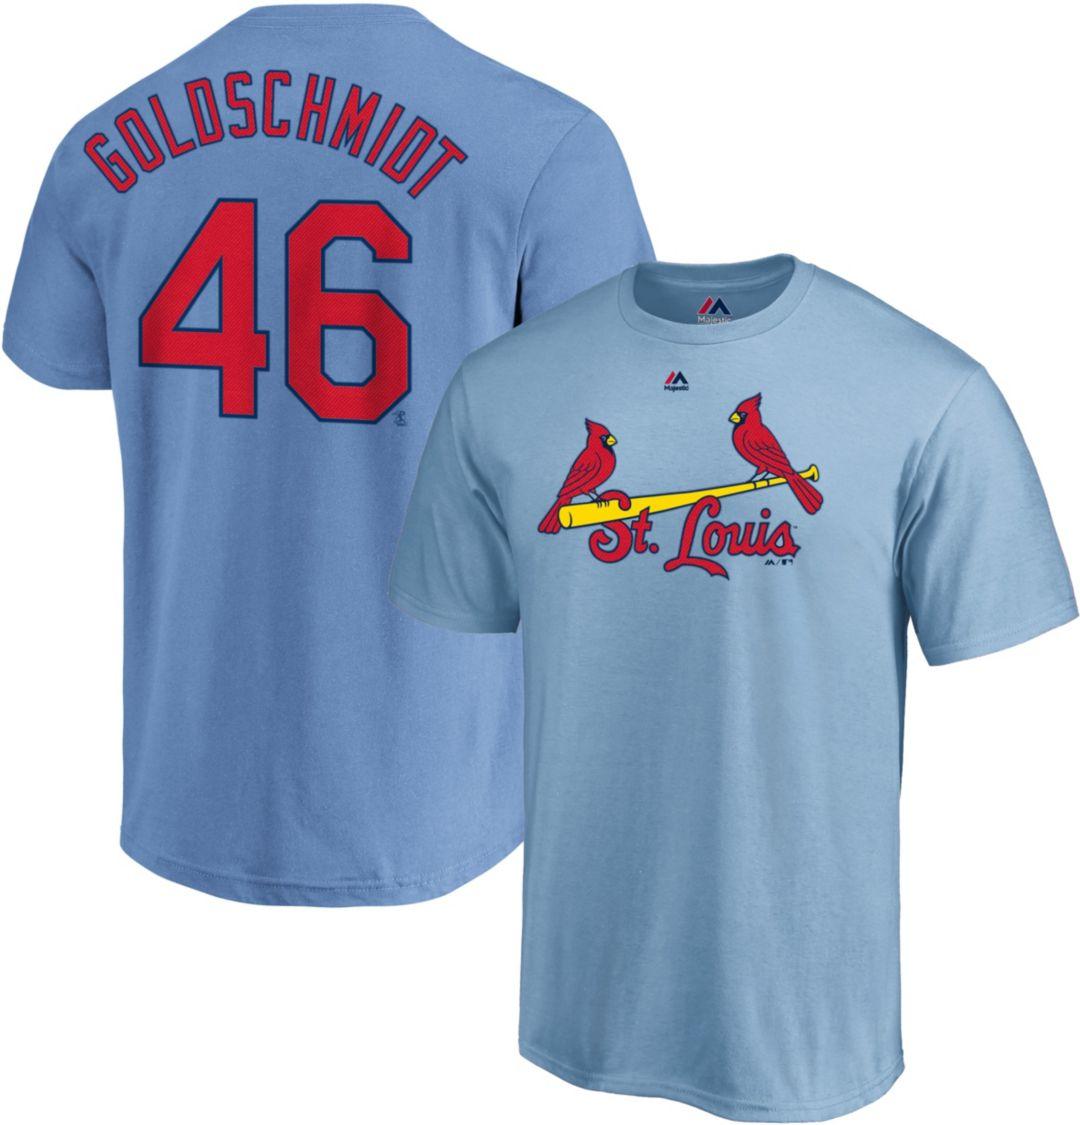 promo code dd6a0 c88be Majestic Men's St. Louis Cardinals Paul Goldschmidt #46 Light Blue T-Shirt